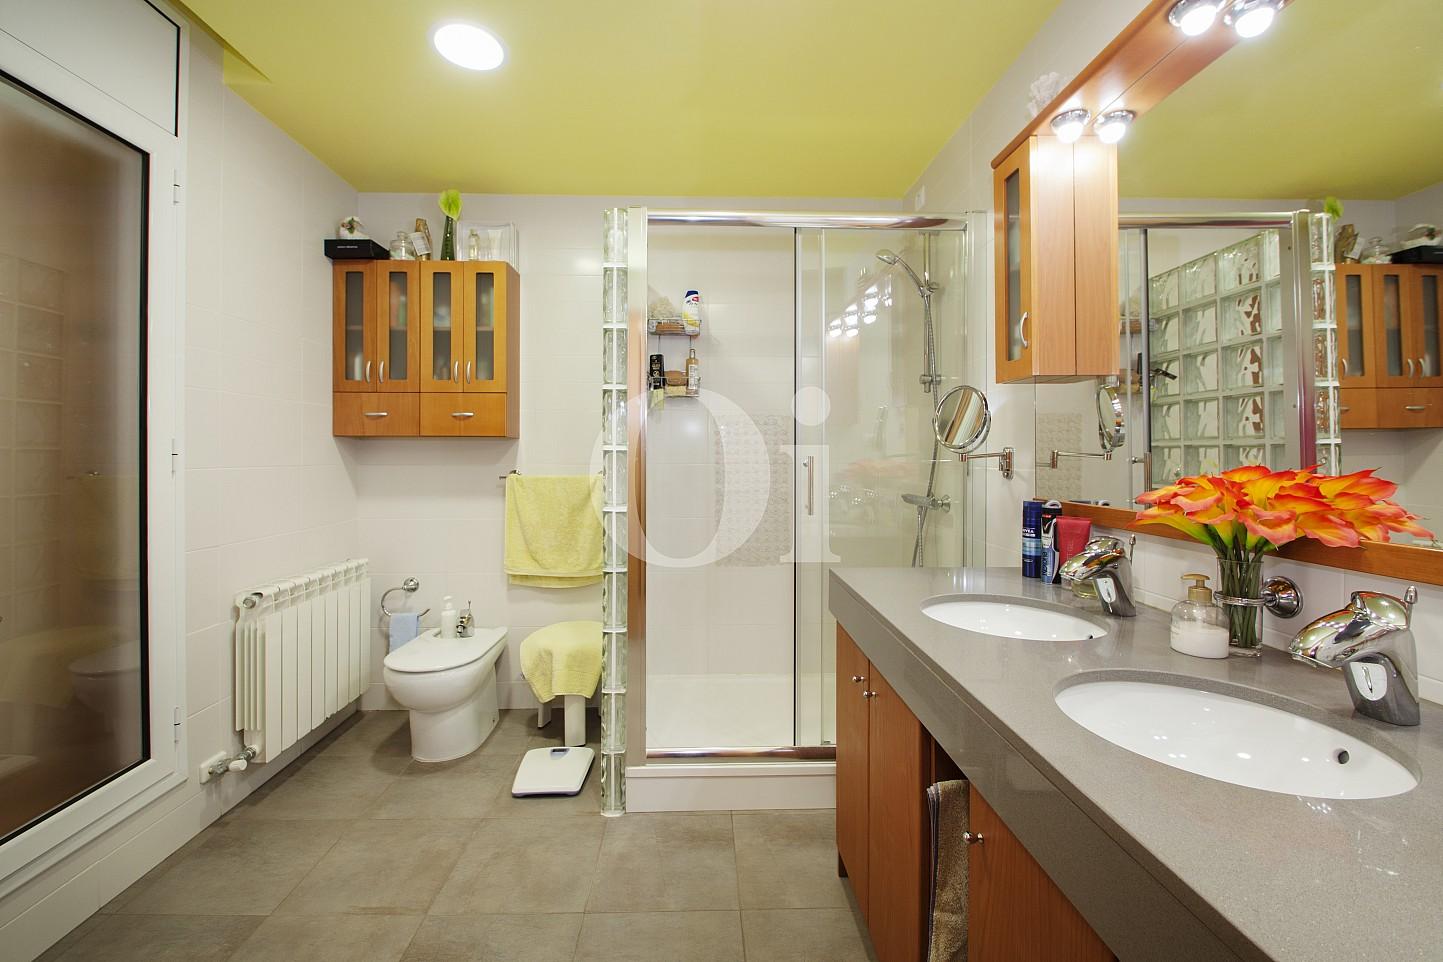 Blick in ein Bad vom Haus zum Verkauf, Segur de Calafell